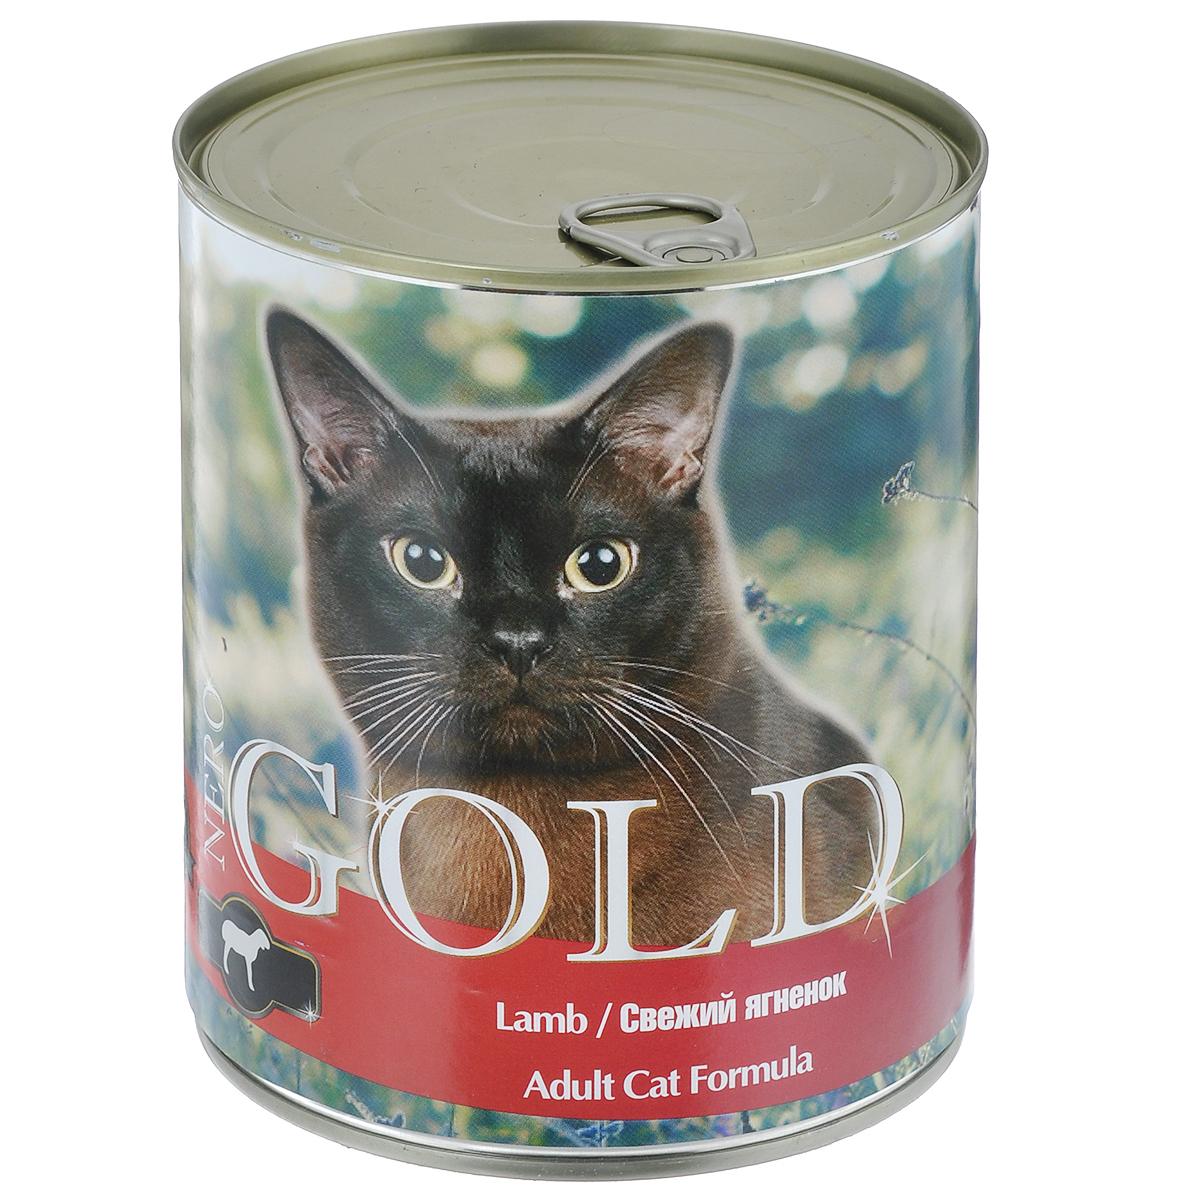 Консервы для кошек Nero Gold, свежий ягненок, 810 г24487Консервы для кошек Nero Gold - полнорационный продукт, содержащий все необходимые витамины и минералы, сбалансированный для поддержания оптимального здоровья вашего питомца! Состав: мясо и его производные, филе курицы, ягненок, злаки, витамины и минералы. Гарантированный анализ: белки 6%, жиры 4,5%, клетчатка 0,5%, зола 2%, влага 81%. Пищевые добавки на 1 кг продукта: витамин А 1600 МЕ, витамин D 140 МЕ, витамин Е 10 МЕ, таурин 300 мг, железо 24 мг, марганец 6 мг, цинк 15 мг, медь 1 мг, магний 200 мг, йод 0,3 мг, селен 0,2 мг. Вес: 810 г. Товар сертифицирован.